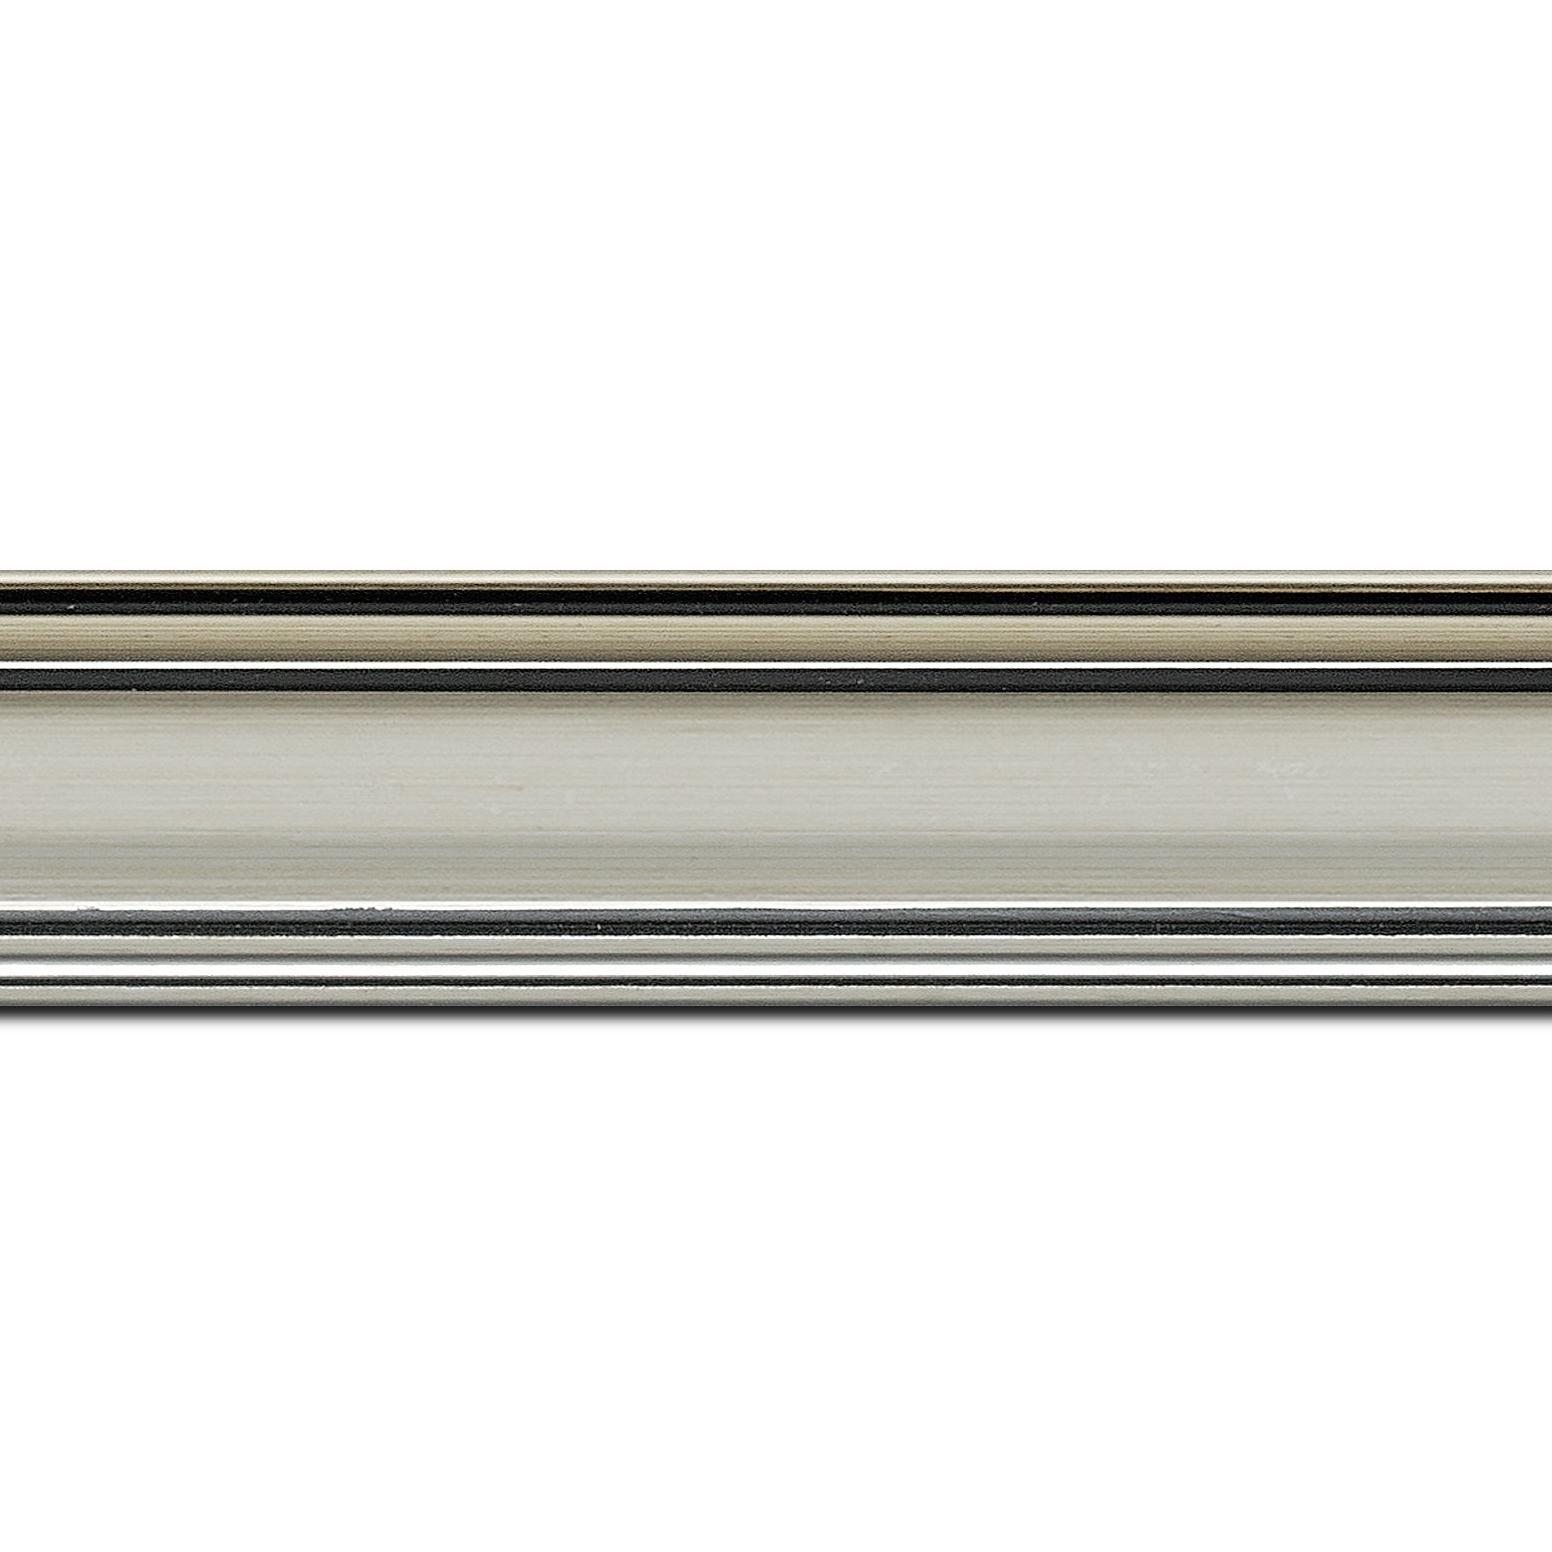 Pack par 12m, bois profil bombé largeur 5cm couleur argent chaud filet noir (longueur baguette pouvant varier entre 2.40m et 3m selon arrivage des bois)